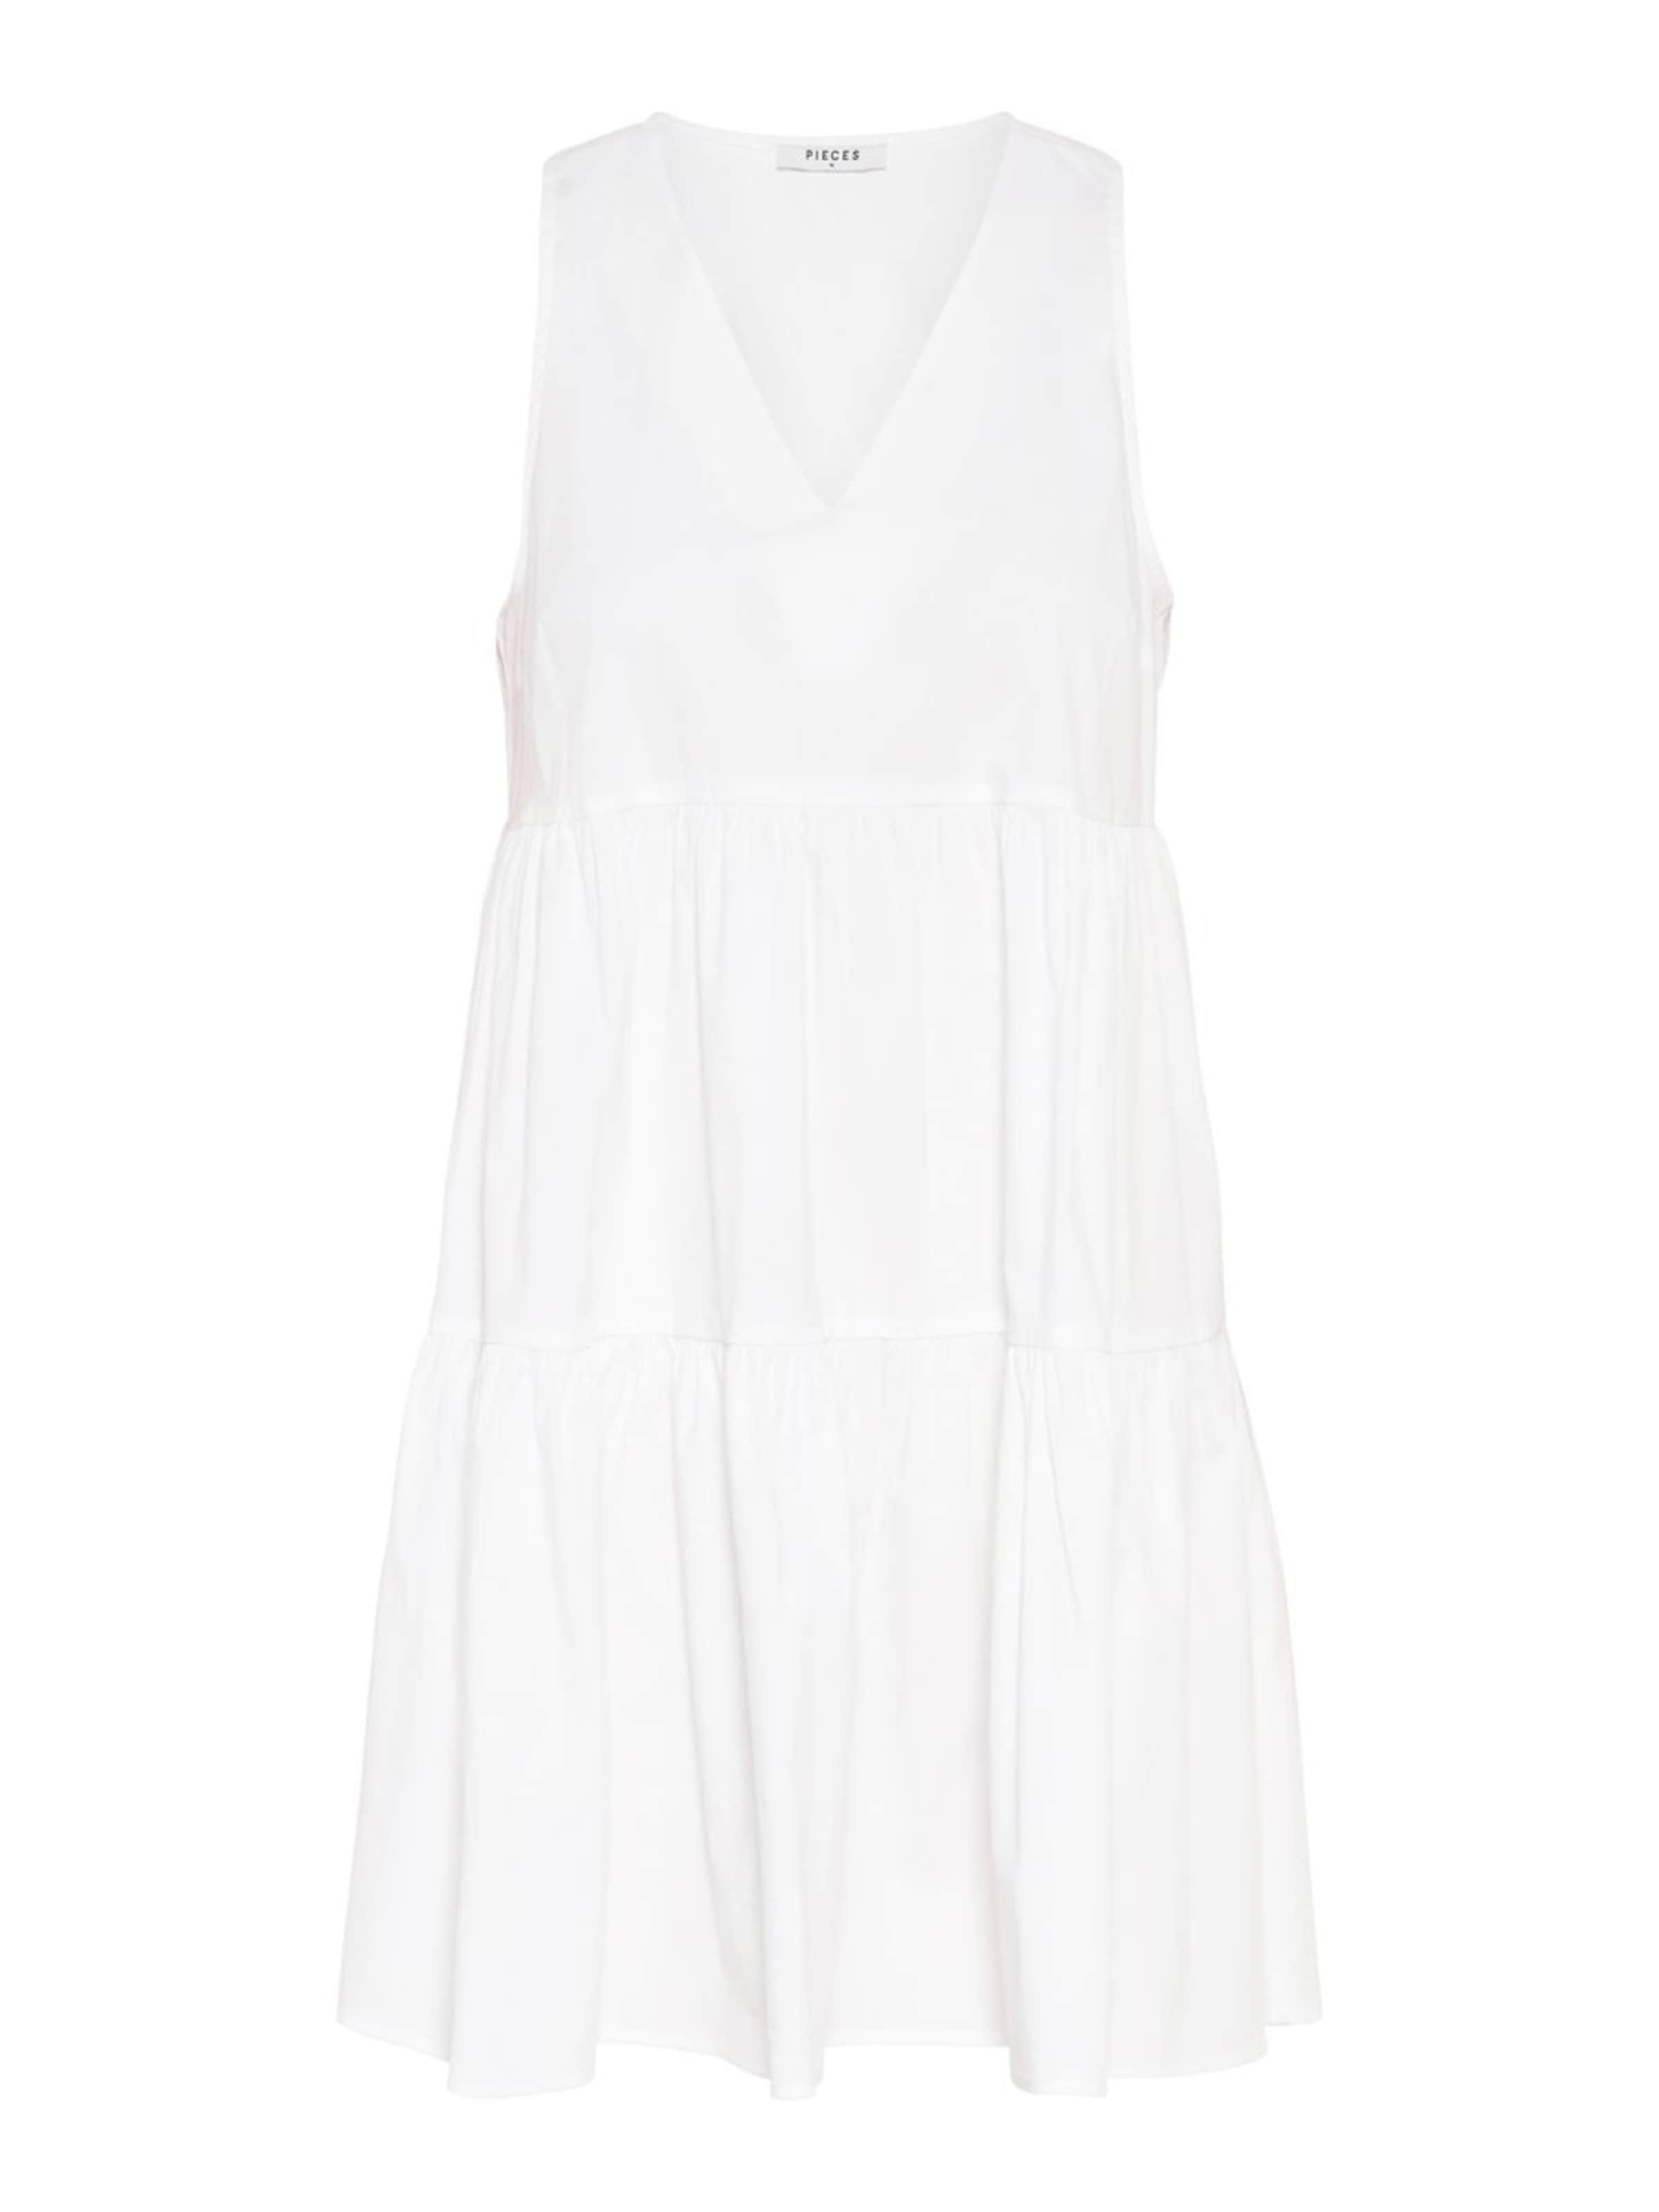 Blanc Blanc Robe En En Pieces Robe Pieces Pieces Robe Nv80wmnO